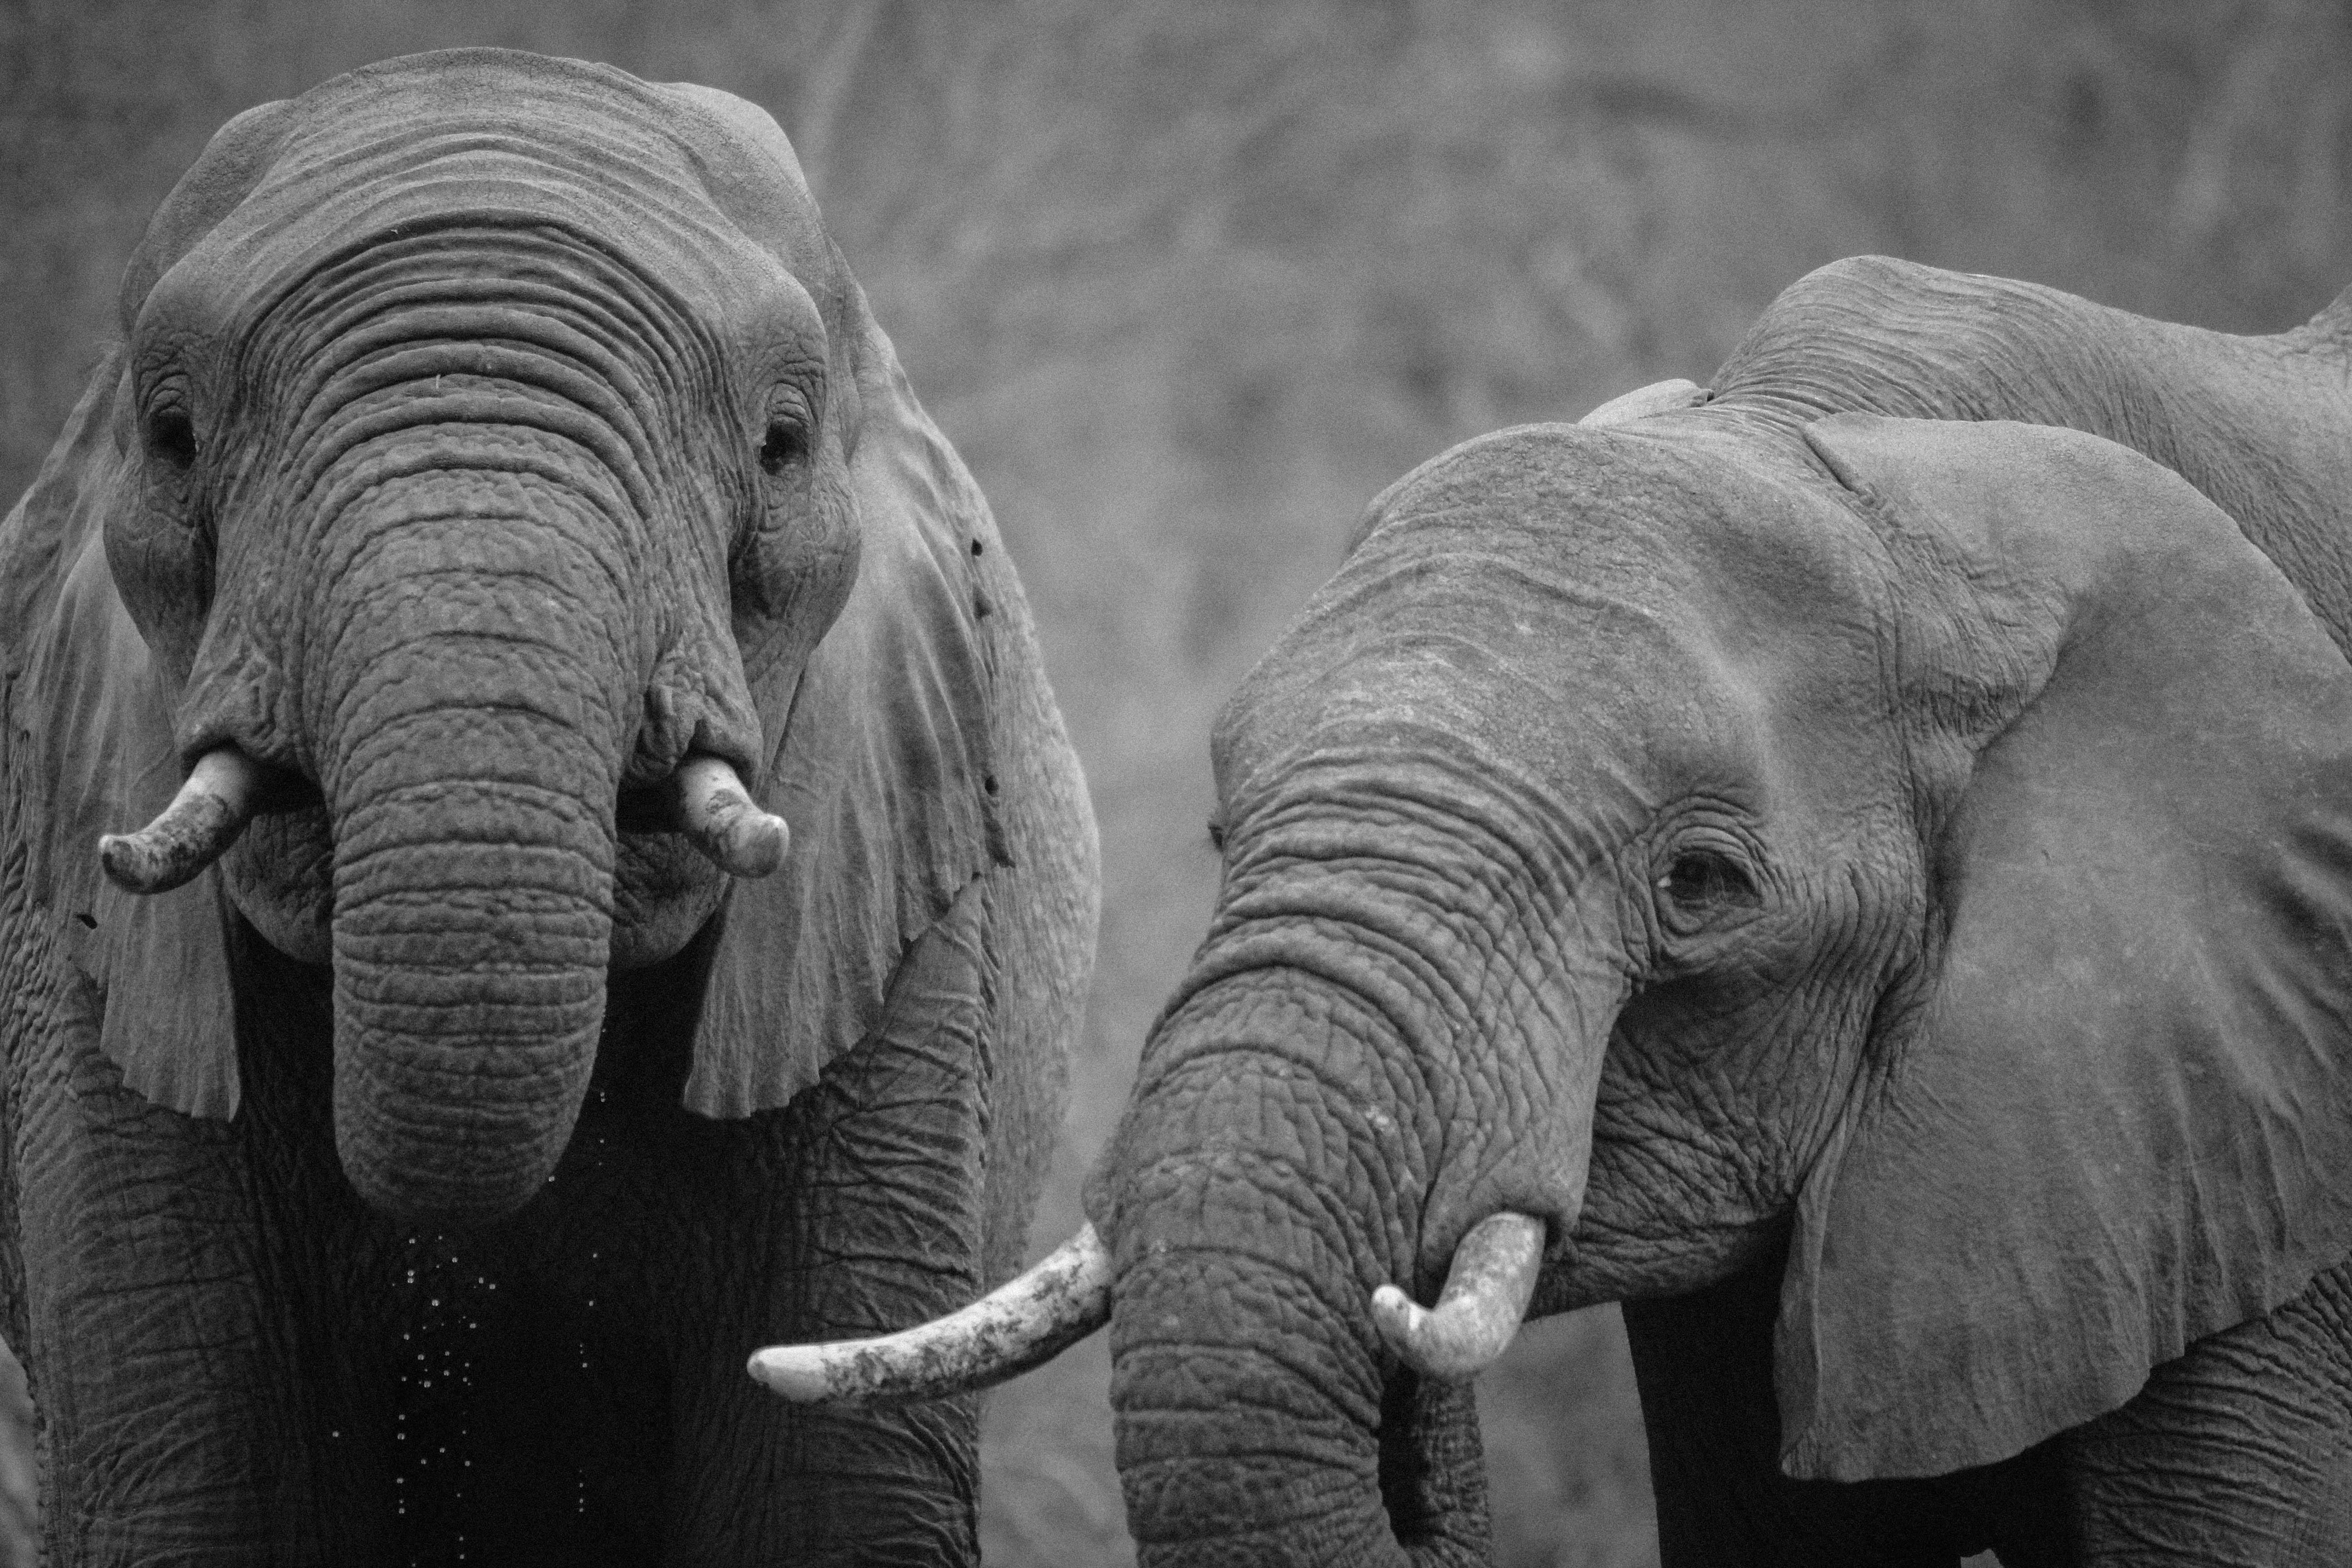 Elephant, Animal, Black, Ivory, White, HQ Photo